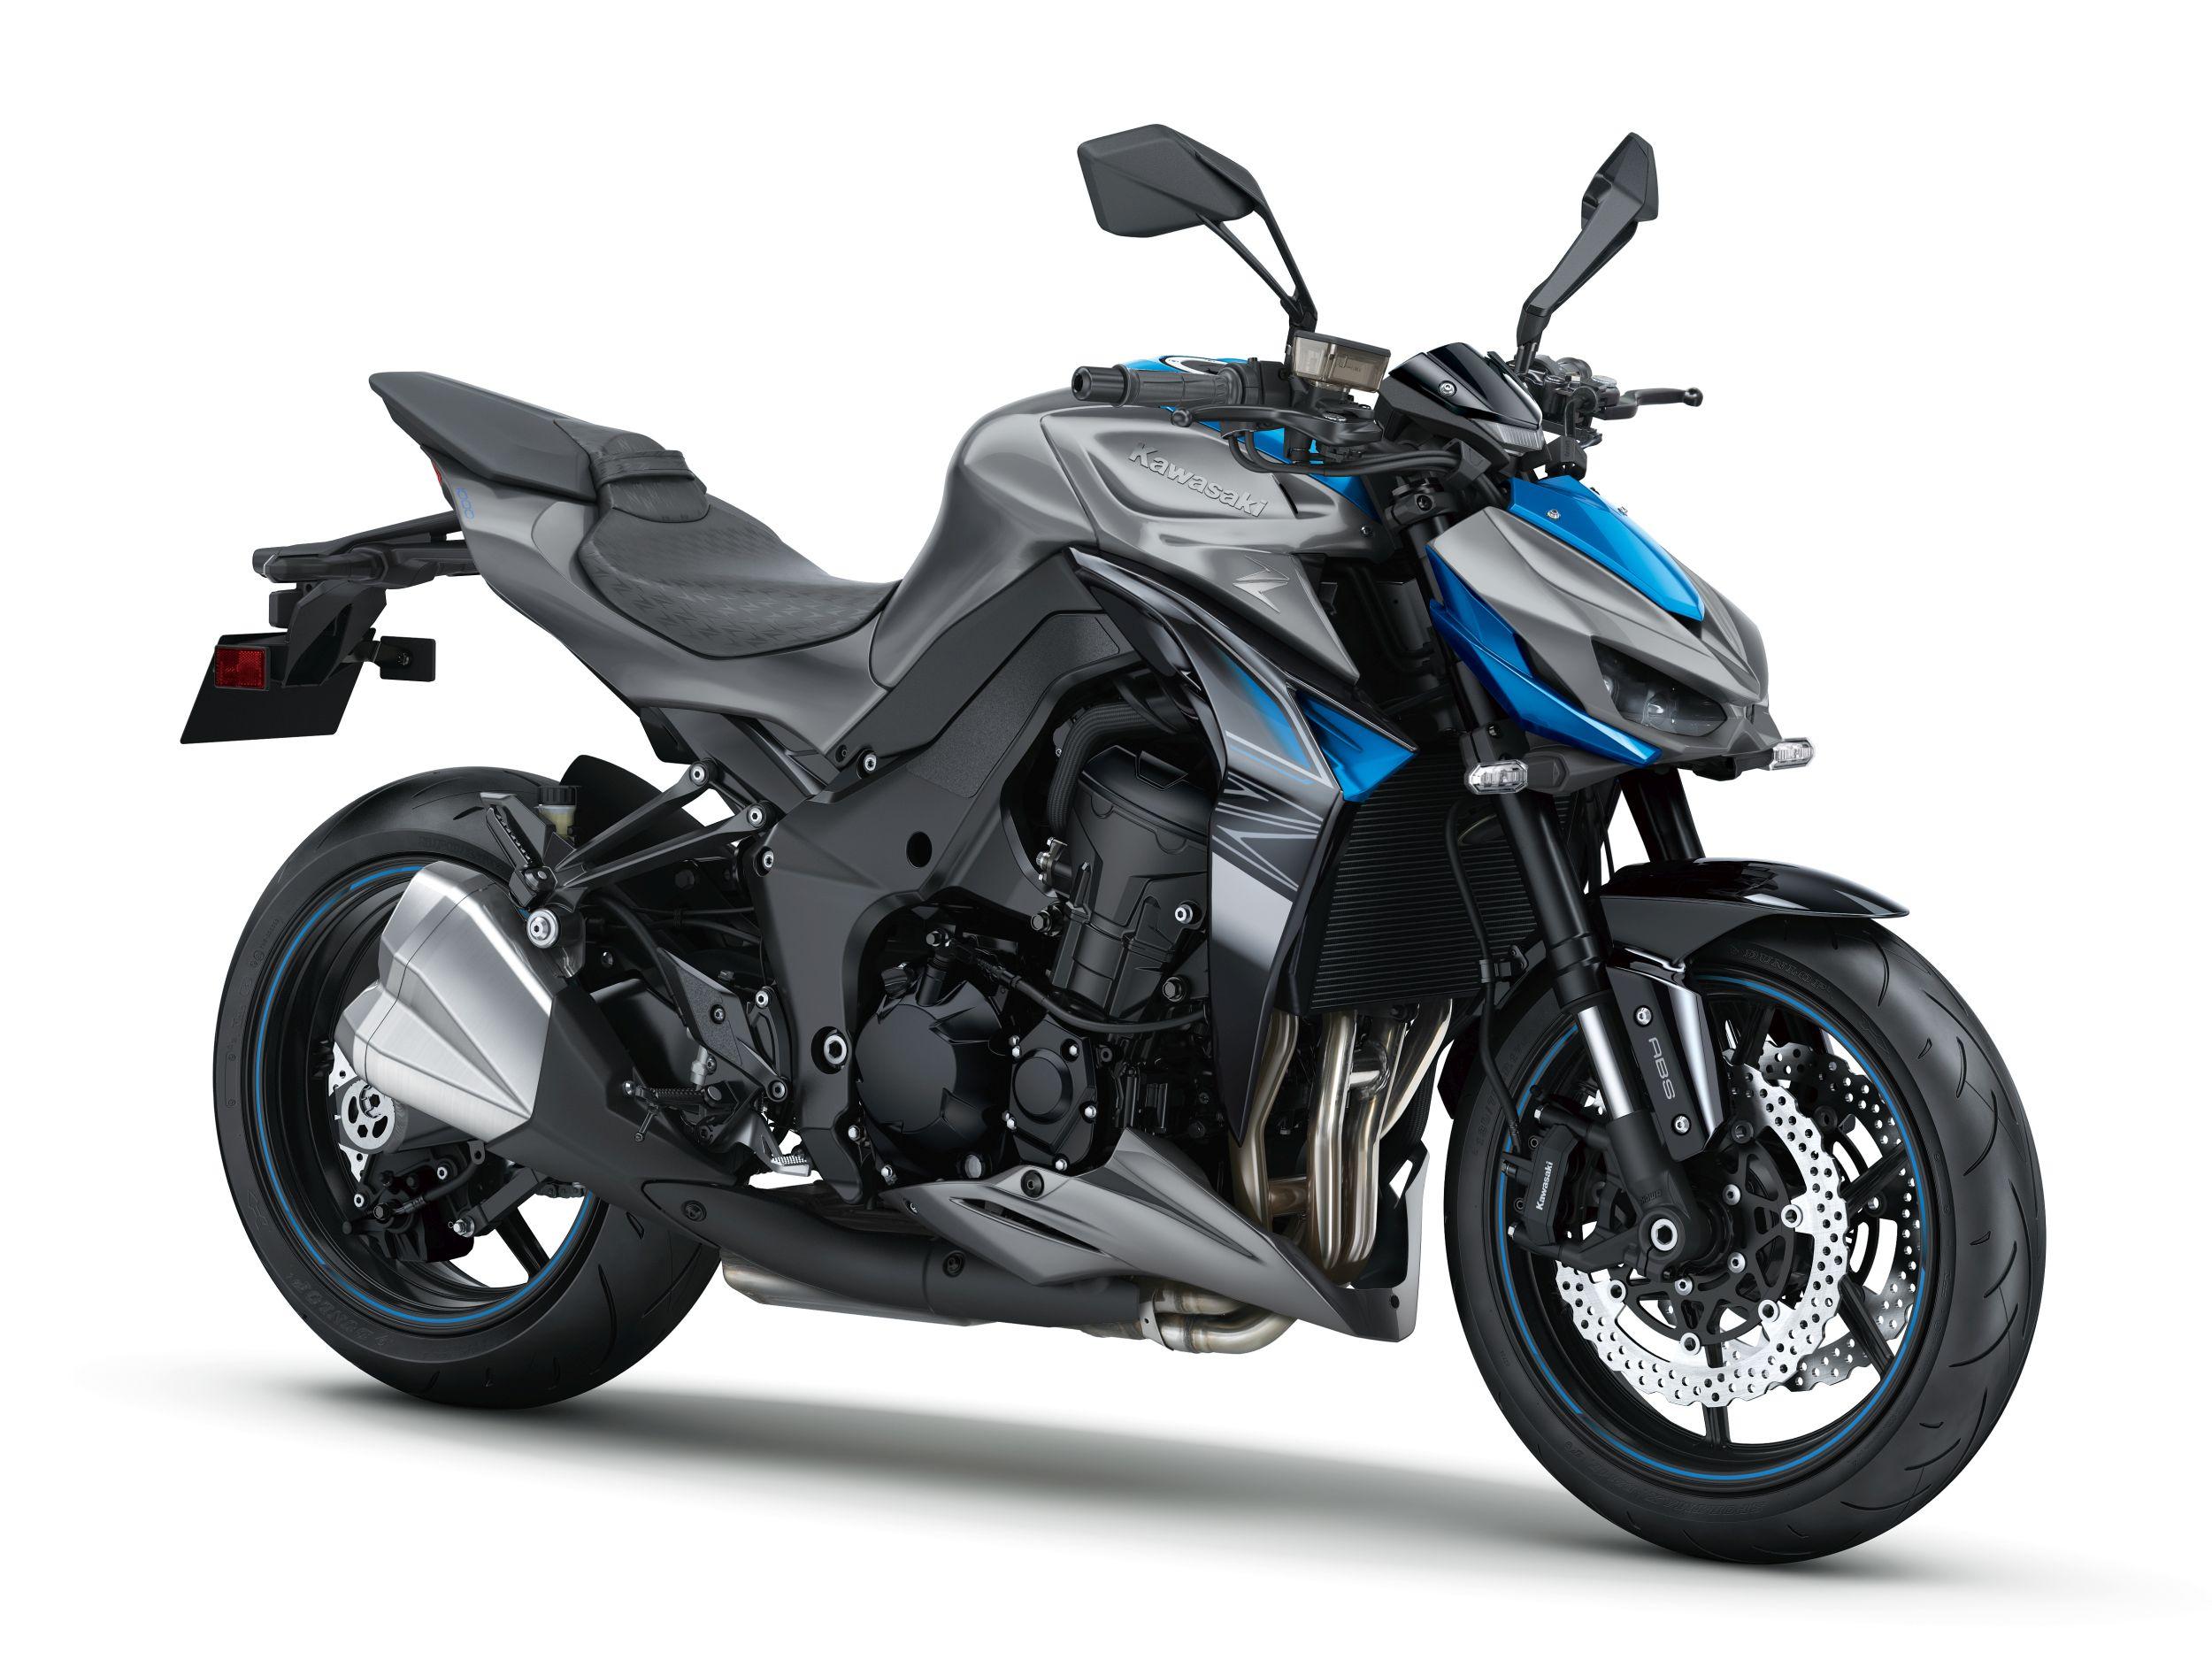 Kawasaki Z 1000 - Test, Gebrauchte, Bilder, technische Daten